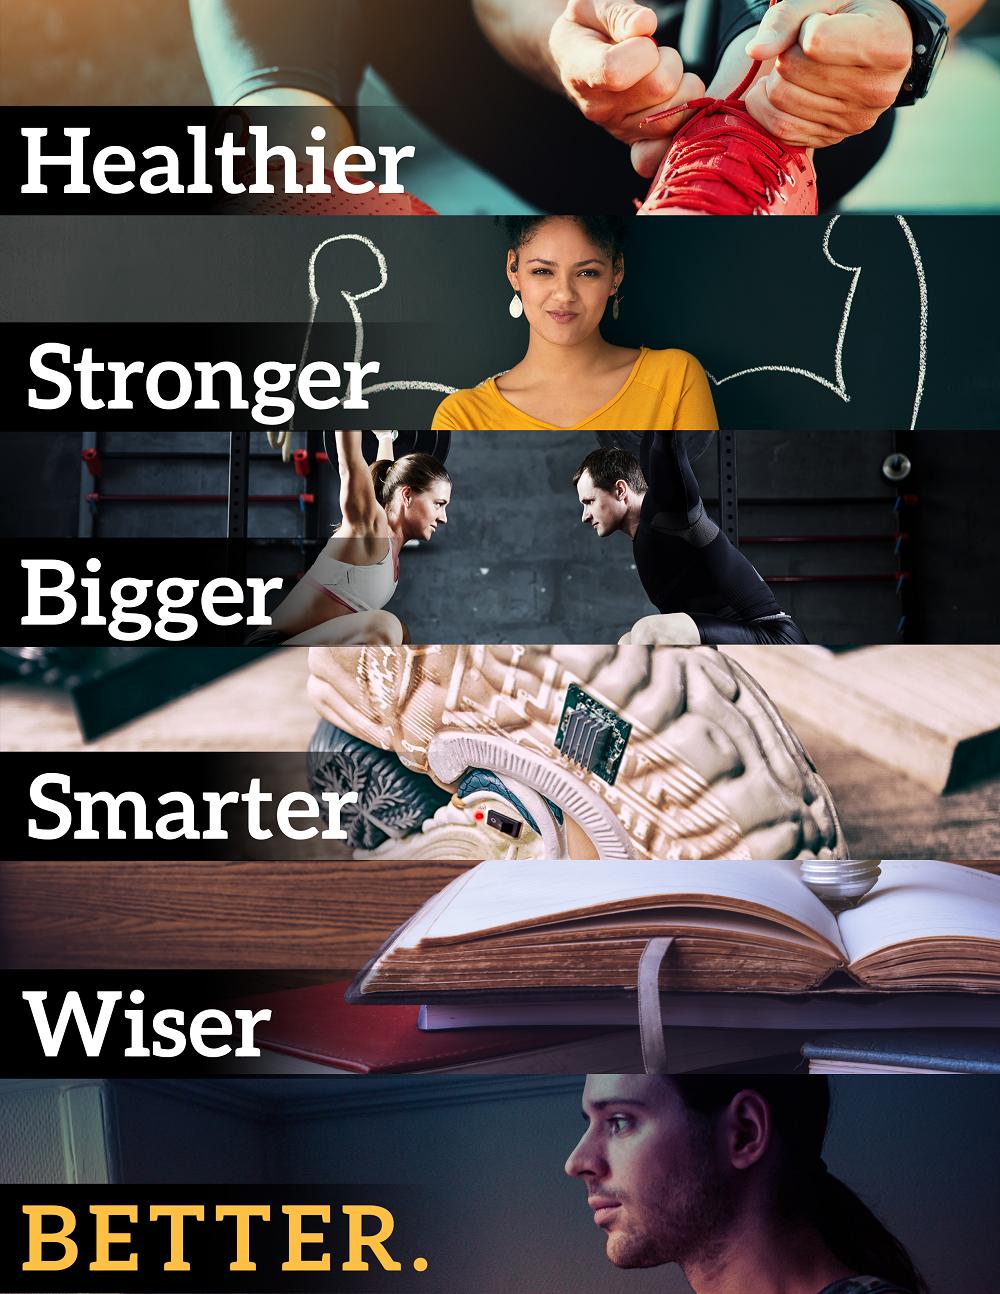 better-healthier-bigger-stronger-wiser-smarter